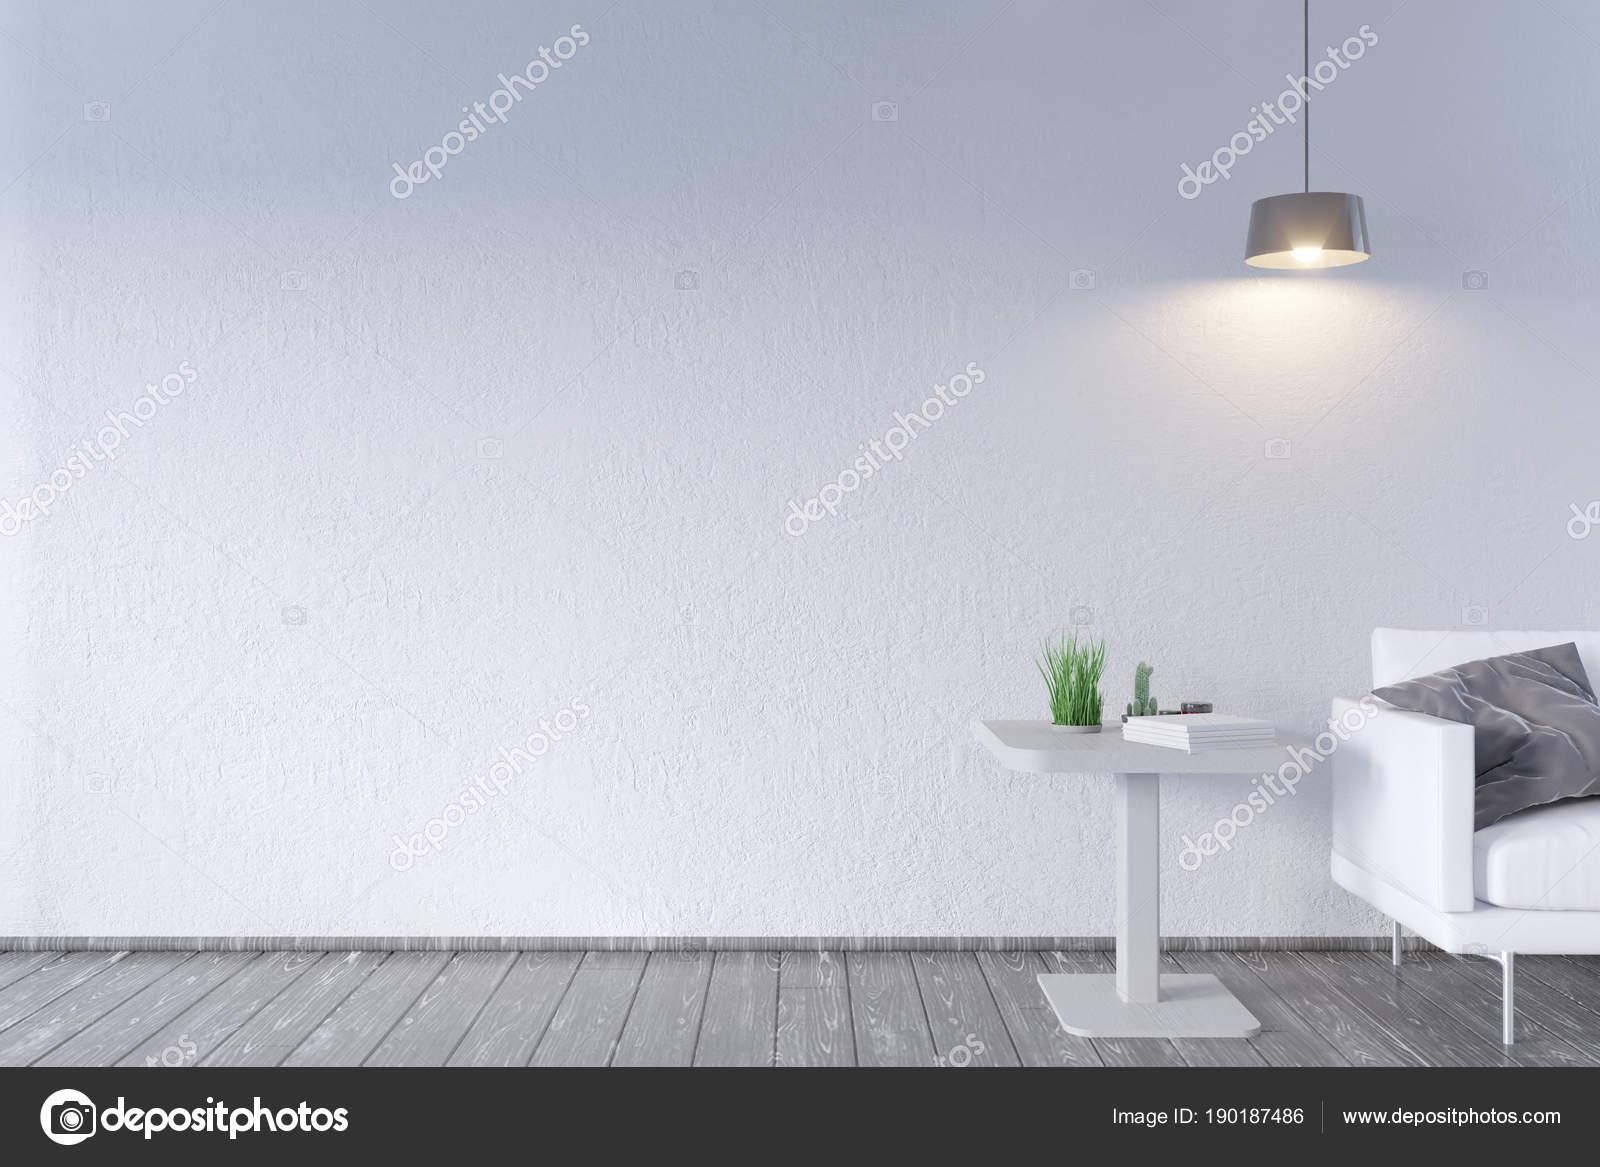 Modernes Interieur mit Tisch und Sofa. Mock-up Wand. 3D Illustration ...